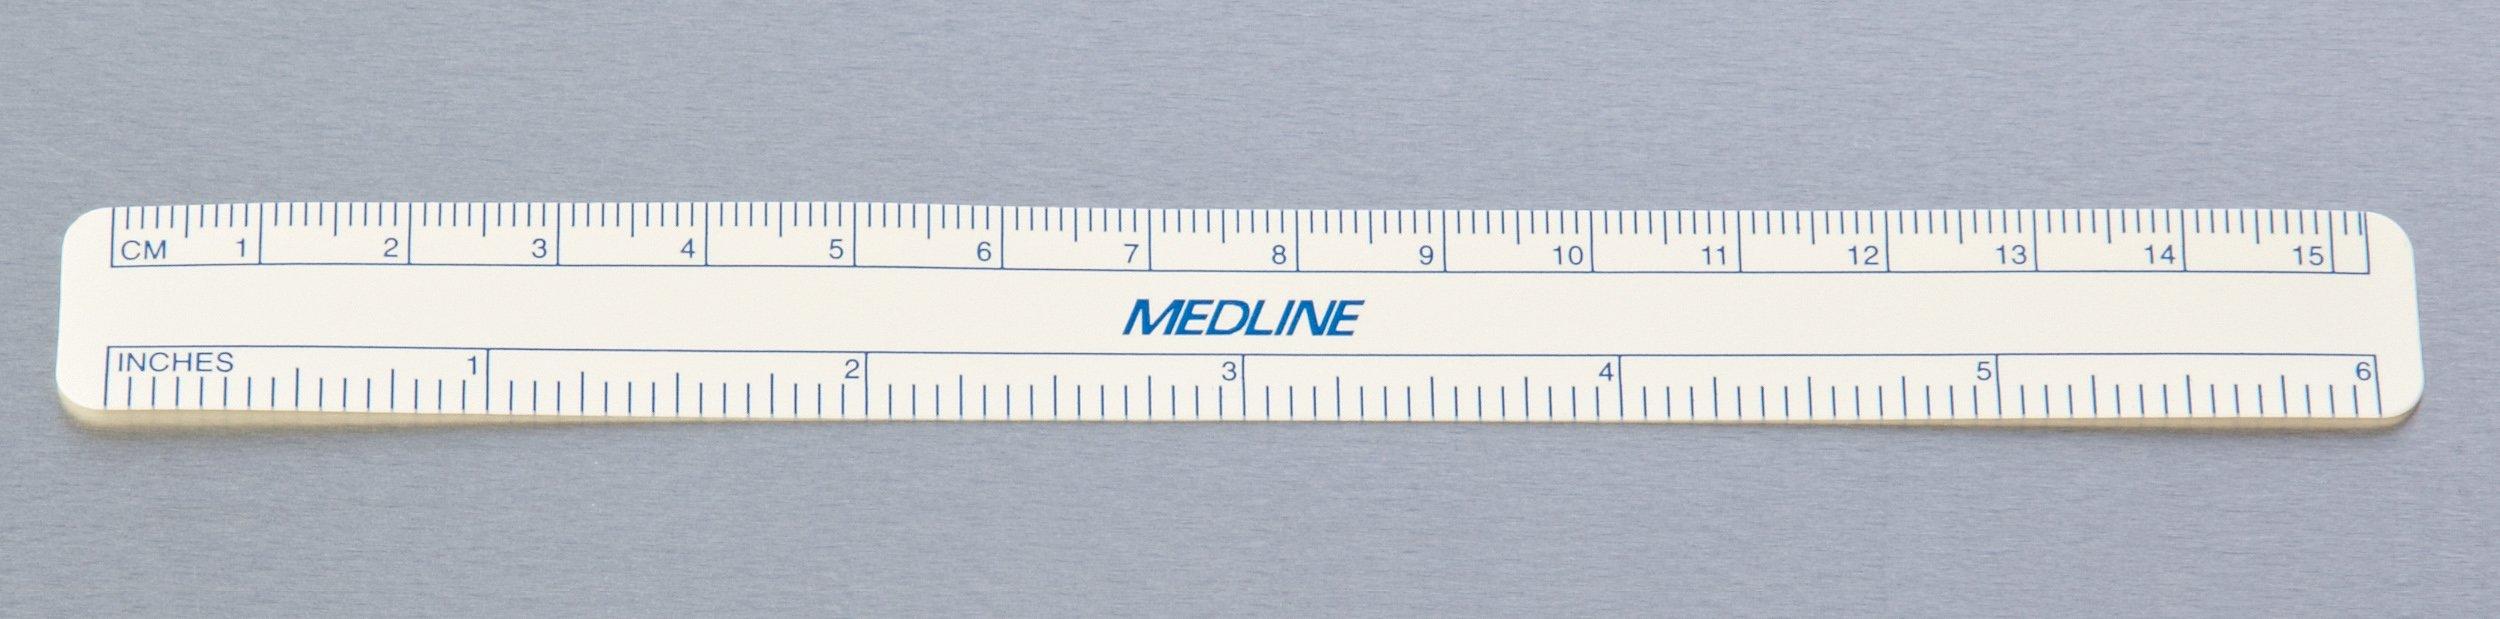 Medline DYNJSM01H Sterile Regular Tip Surgical Skin Markers